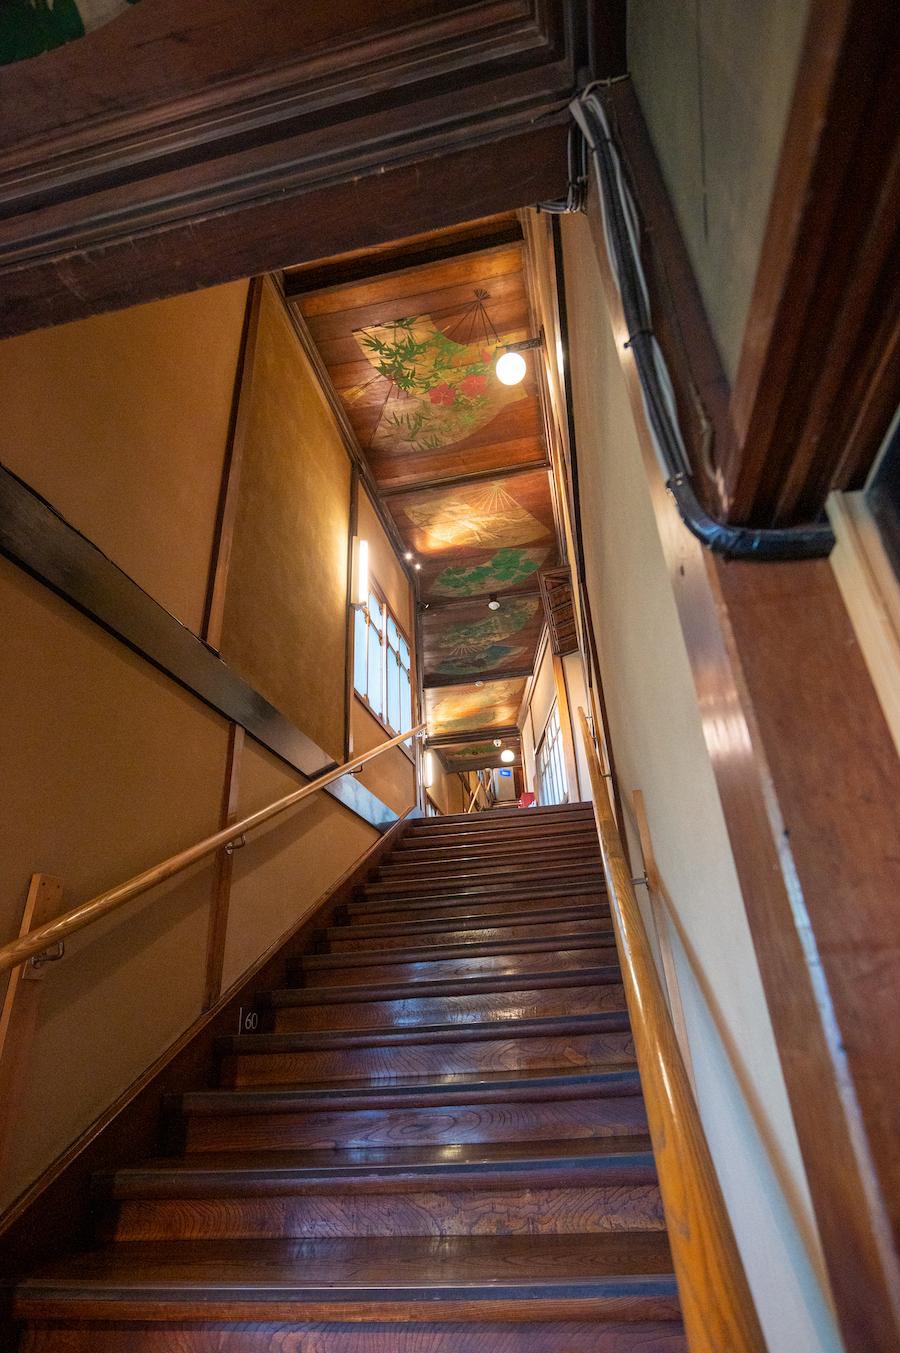 7つの部屋を結ぶ 99段の階段 photo by ぷらいまり